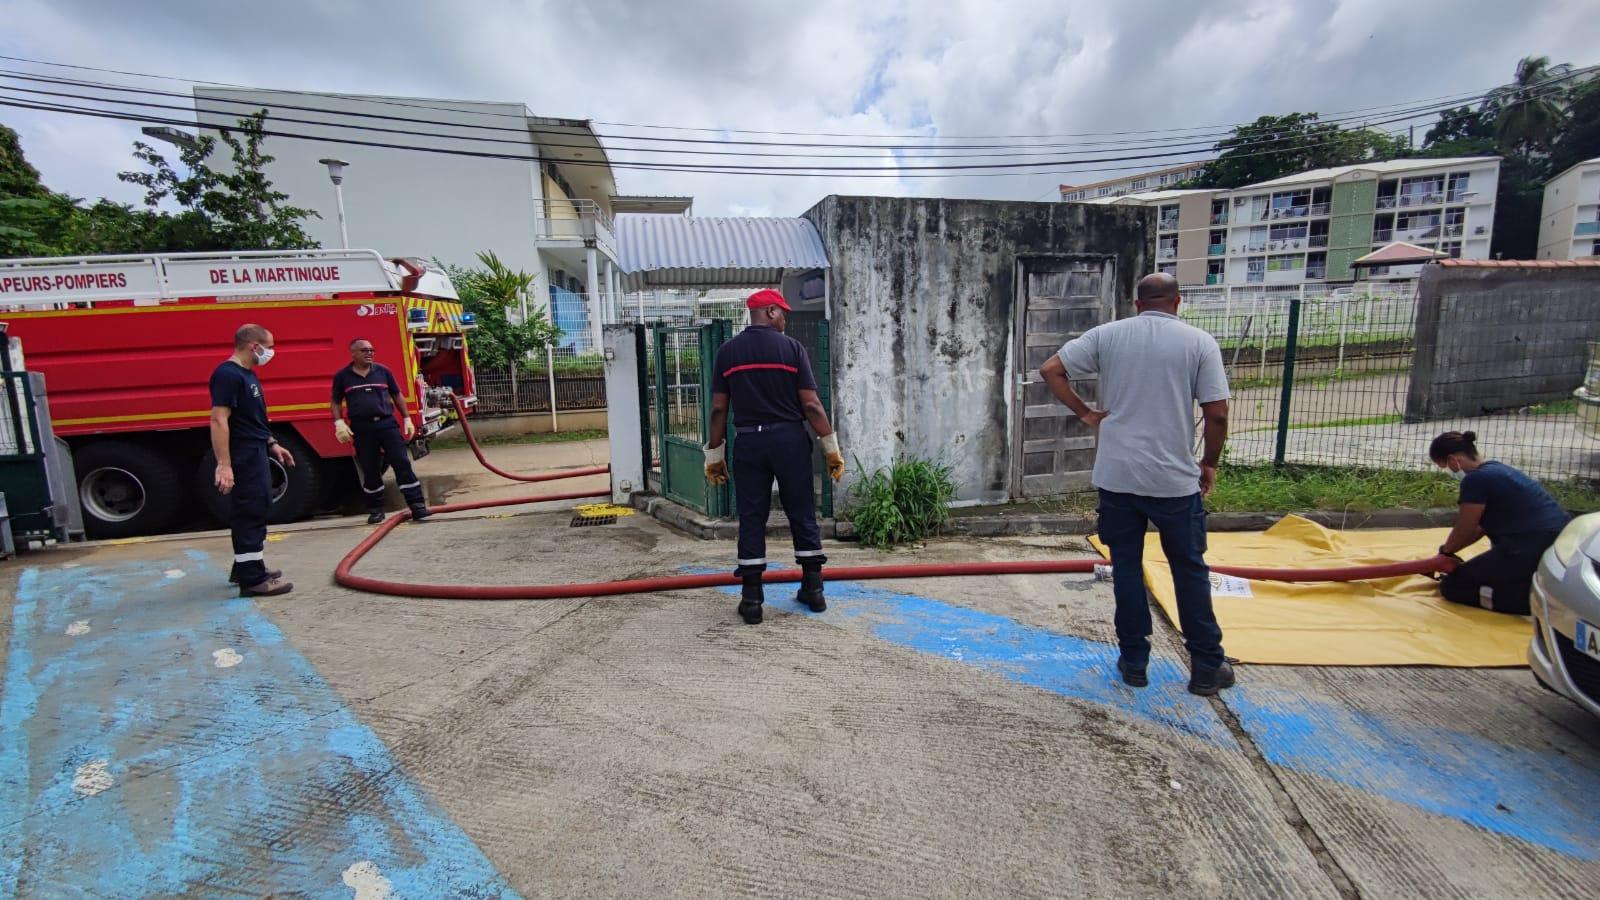 Des citernes d'eau sanitaire installées à Sainte-Marie pour pallier les coupures